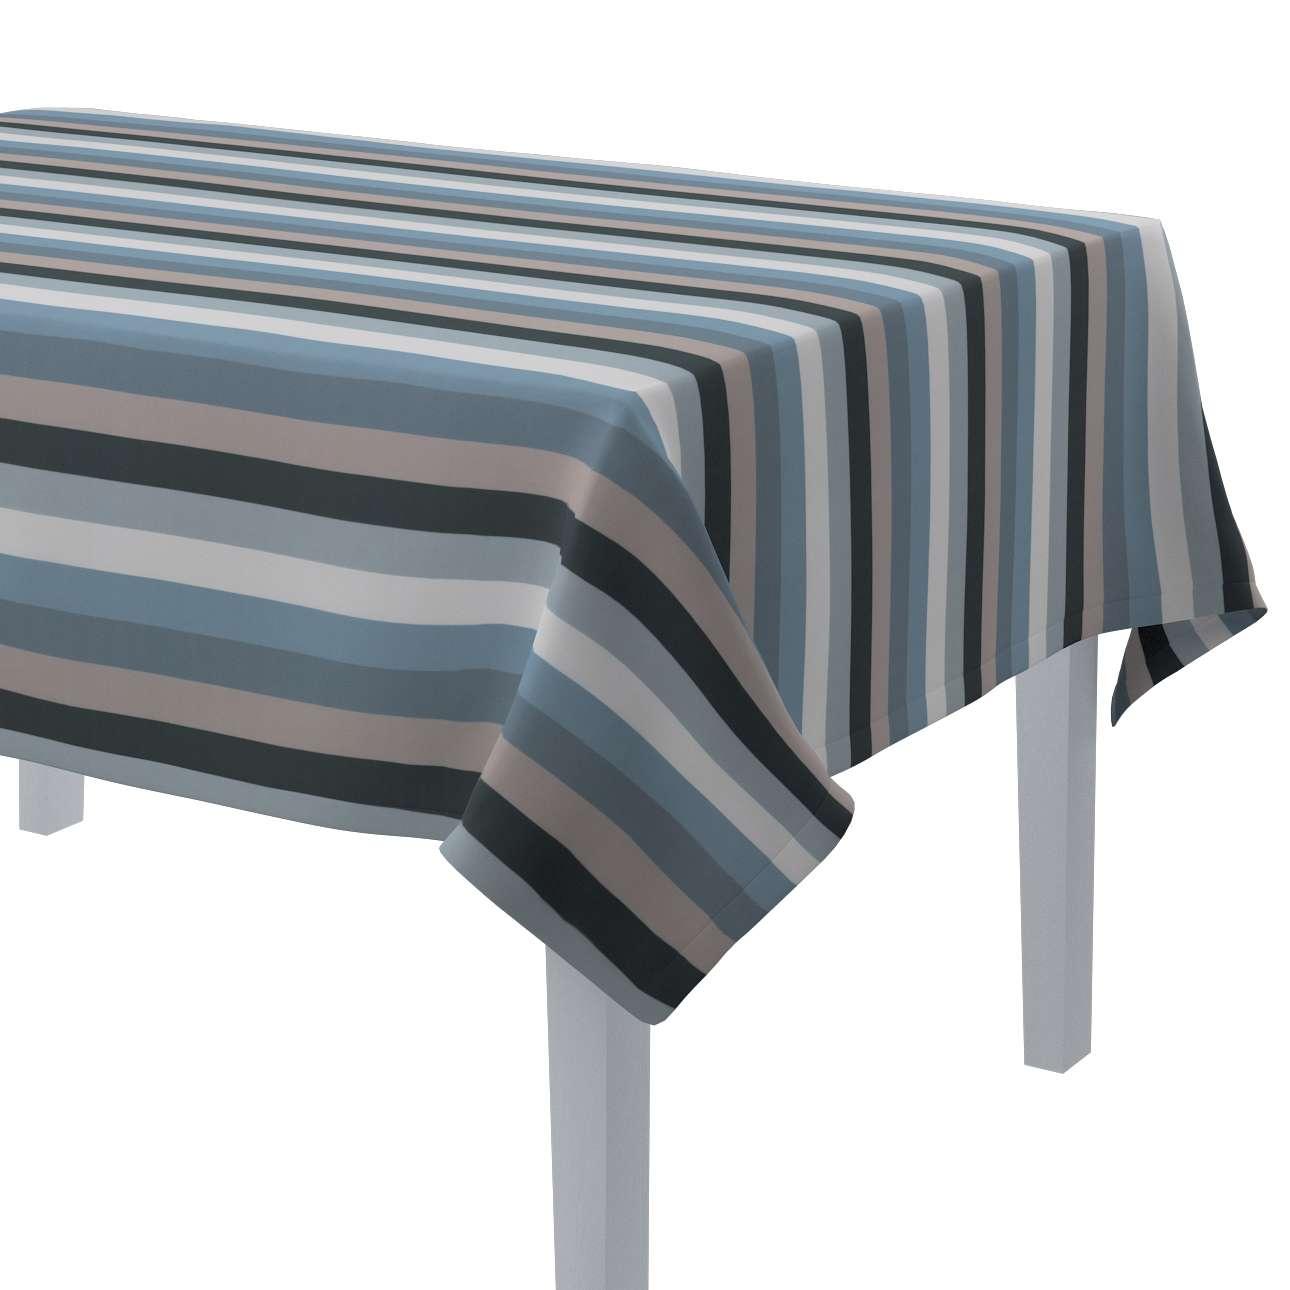 Rektangulære borddug fra kollektionen Vintage 70's, Stof: 143-57